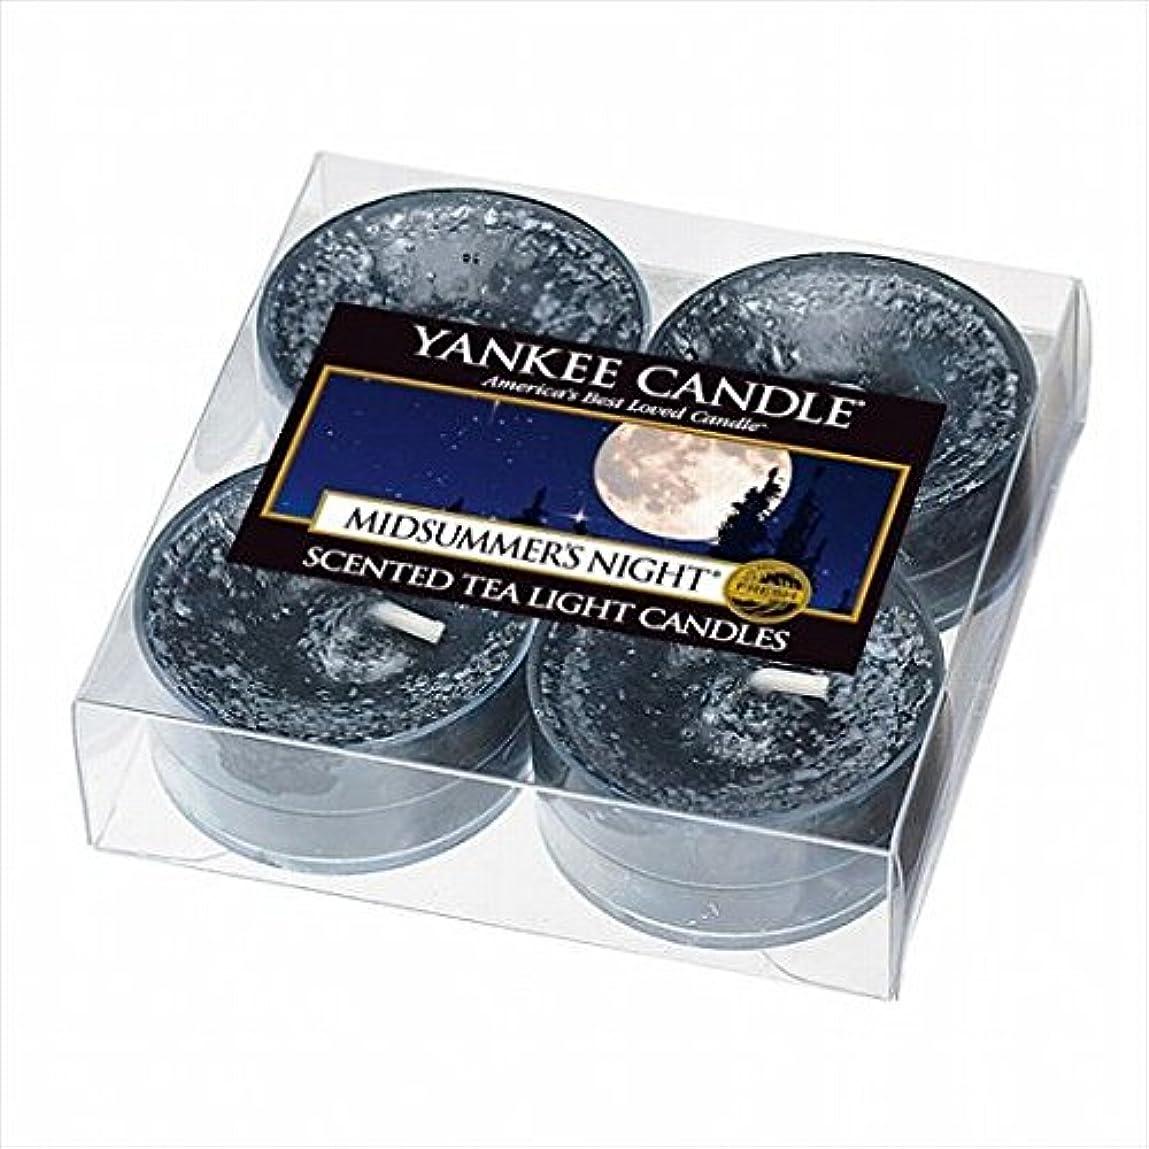 カメヤマキャンドル( kameyama candle ) YANKEE CANDLE クリアカップティーライト4個入り 「 ミッドサマーズナイト 」